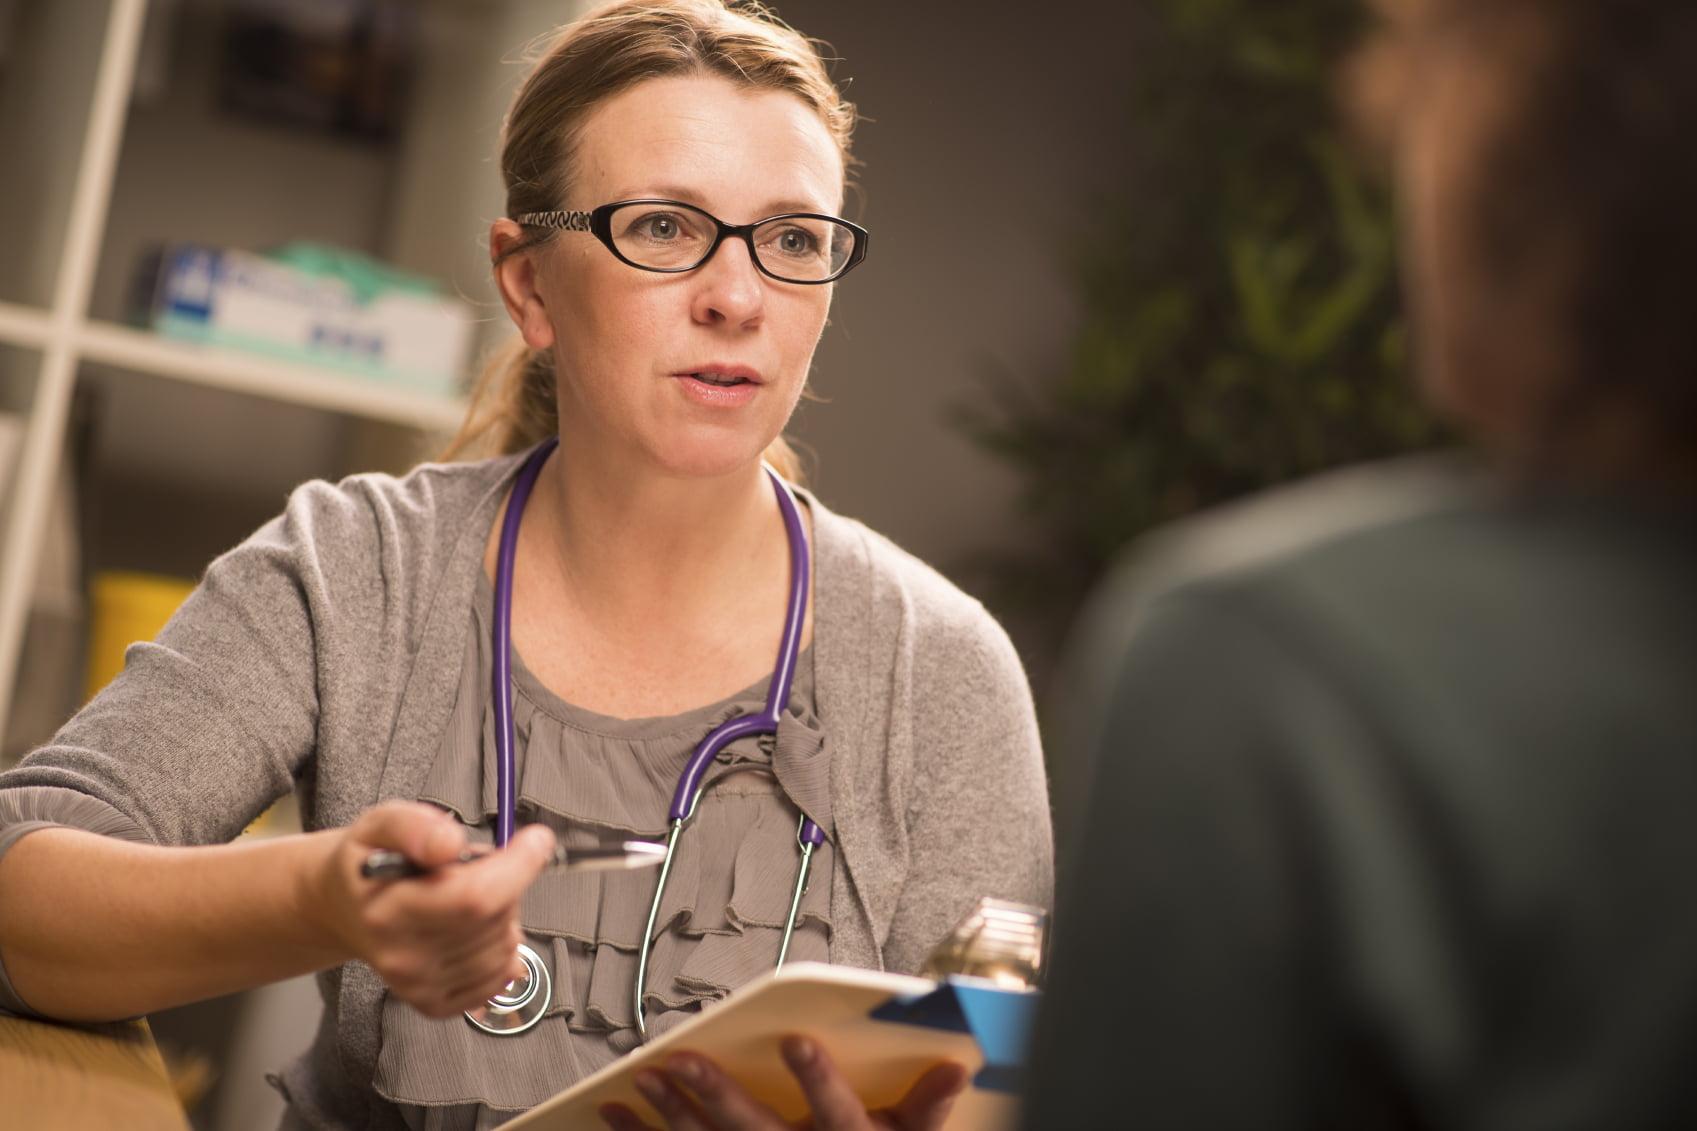 Female doctor explaining